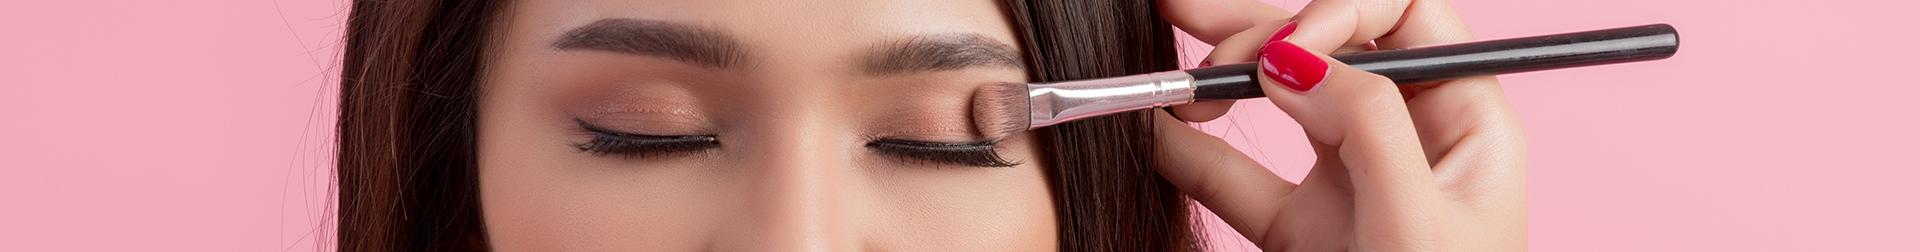 Makeup Products   Eye Shadow - Buy Eye Shadow Products   AromaCraze